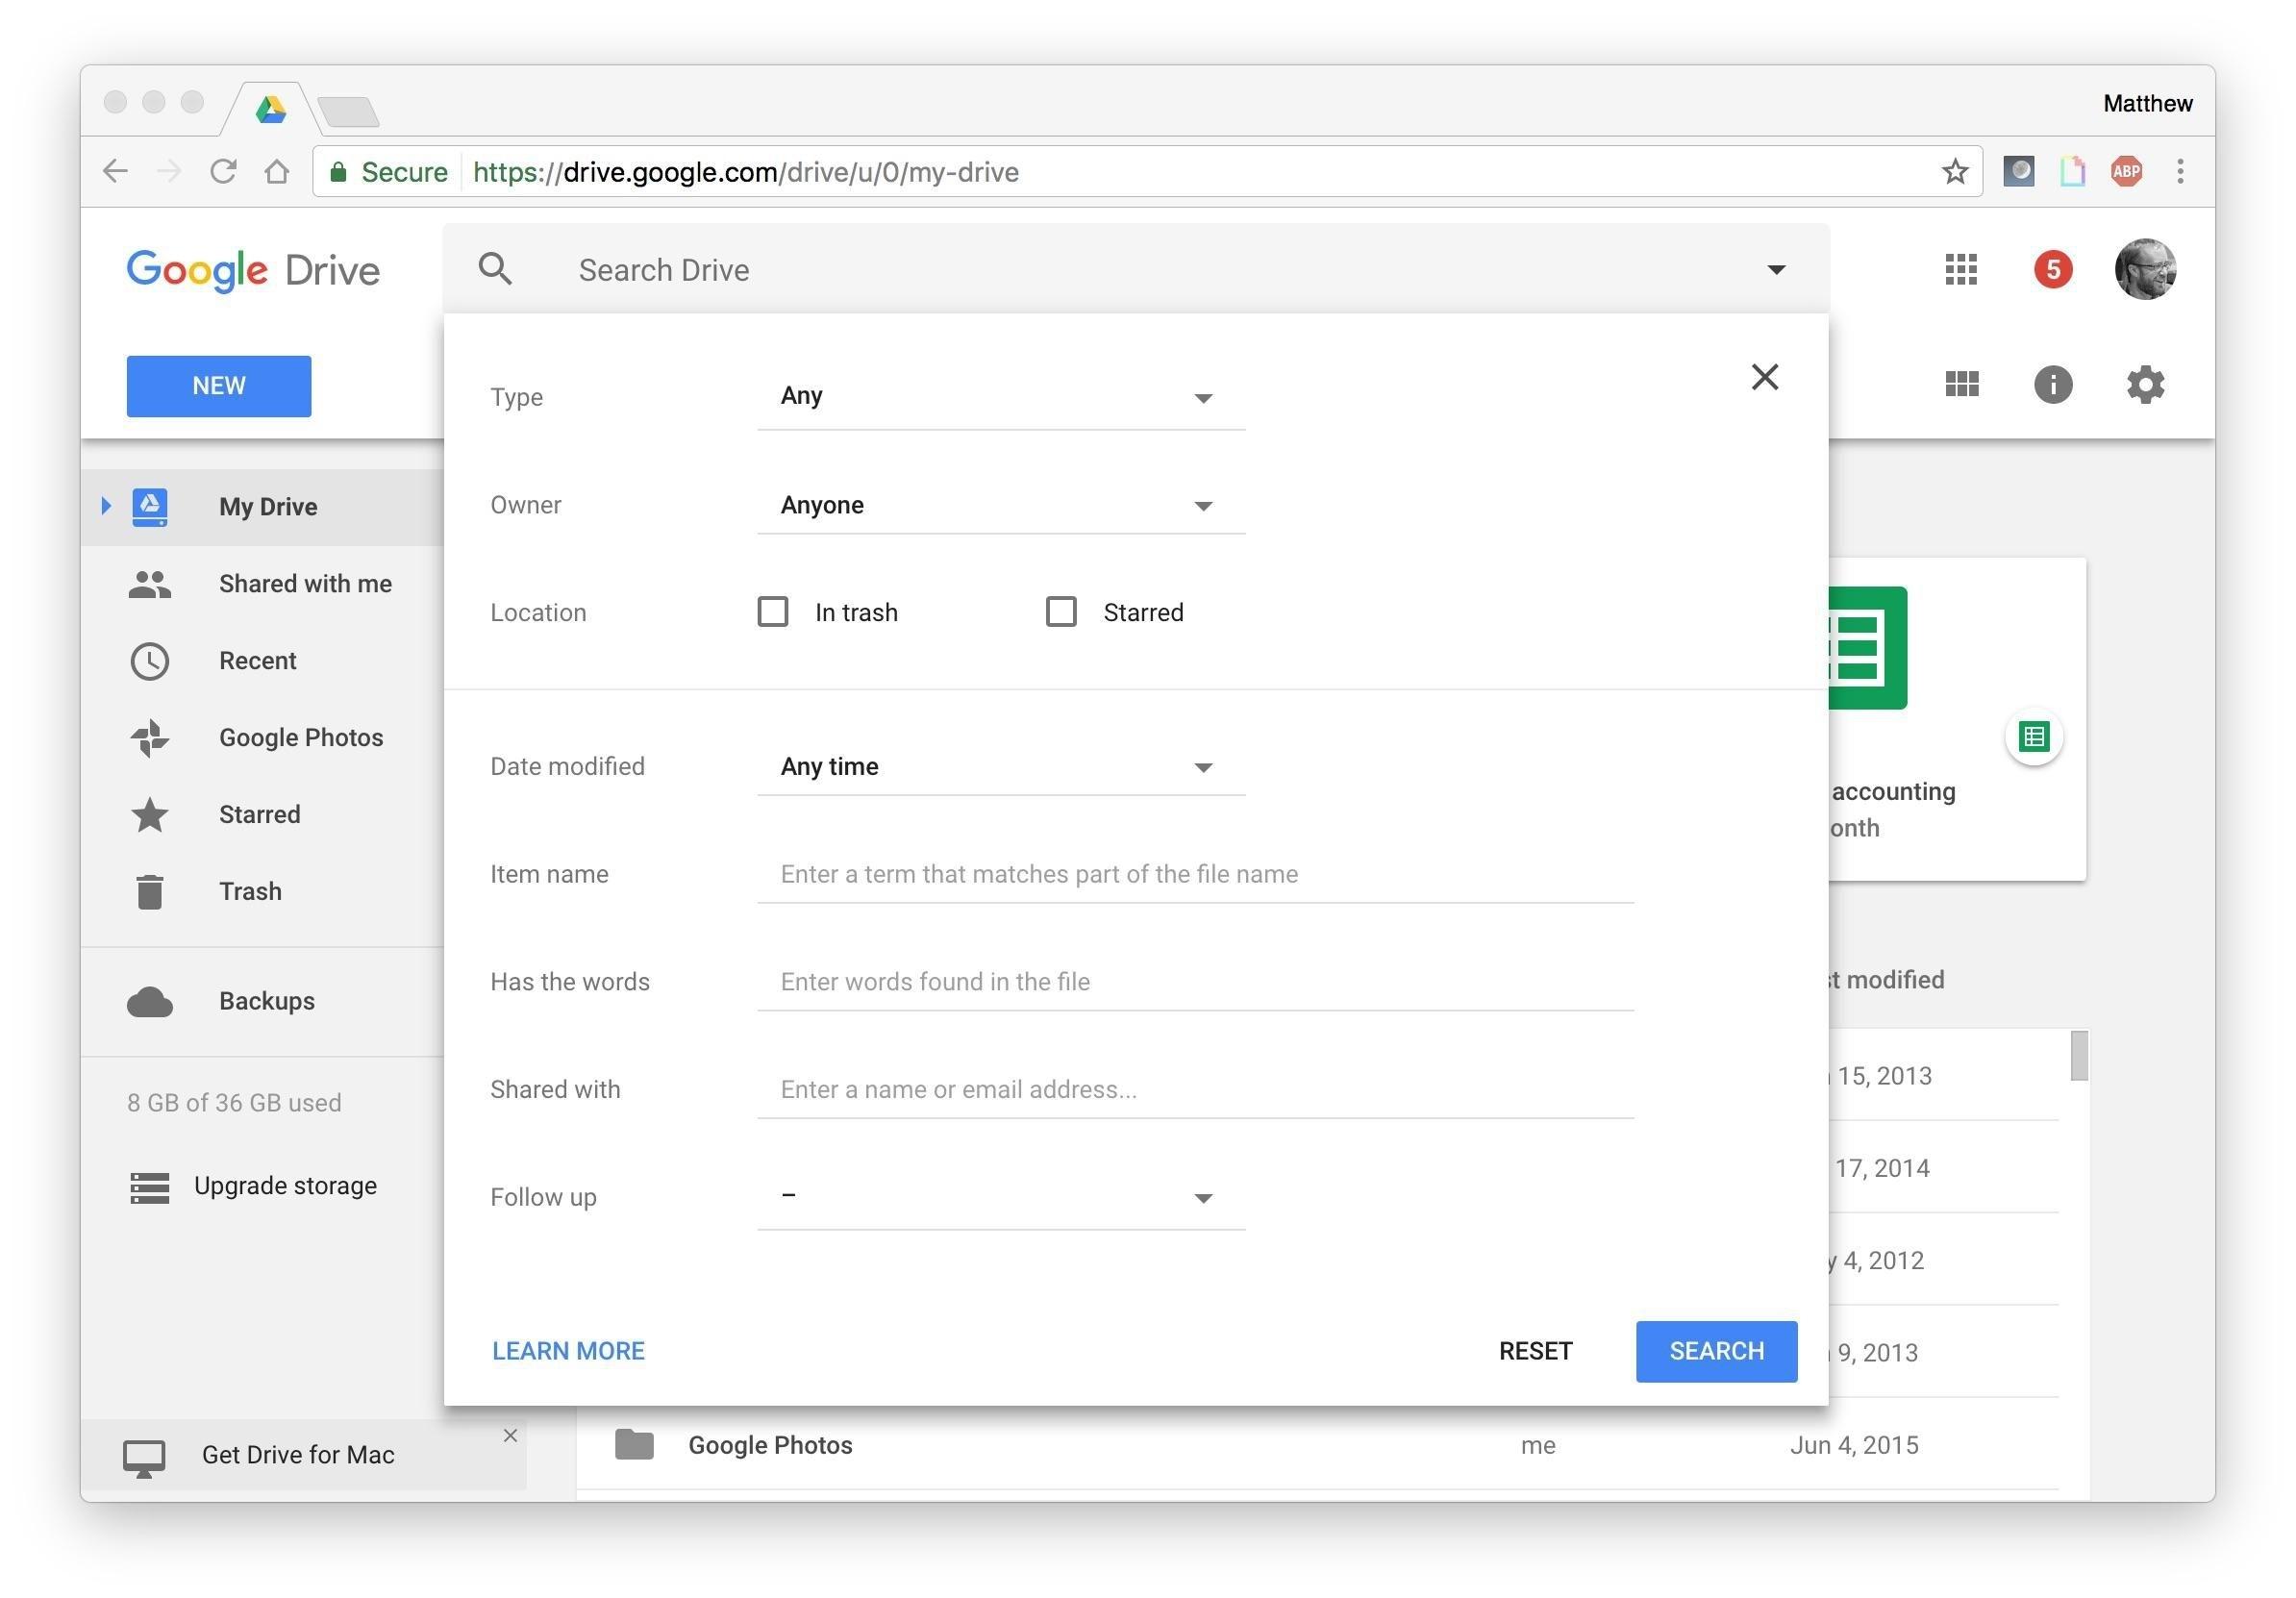 7 Hidden Features Of Google Drive - Cnet